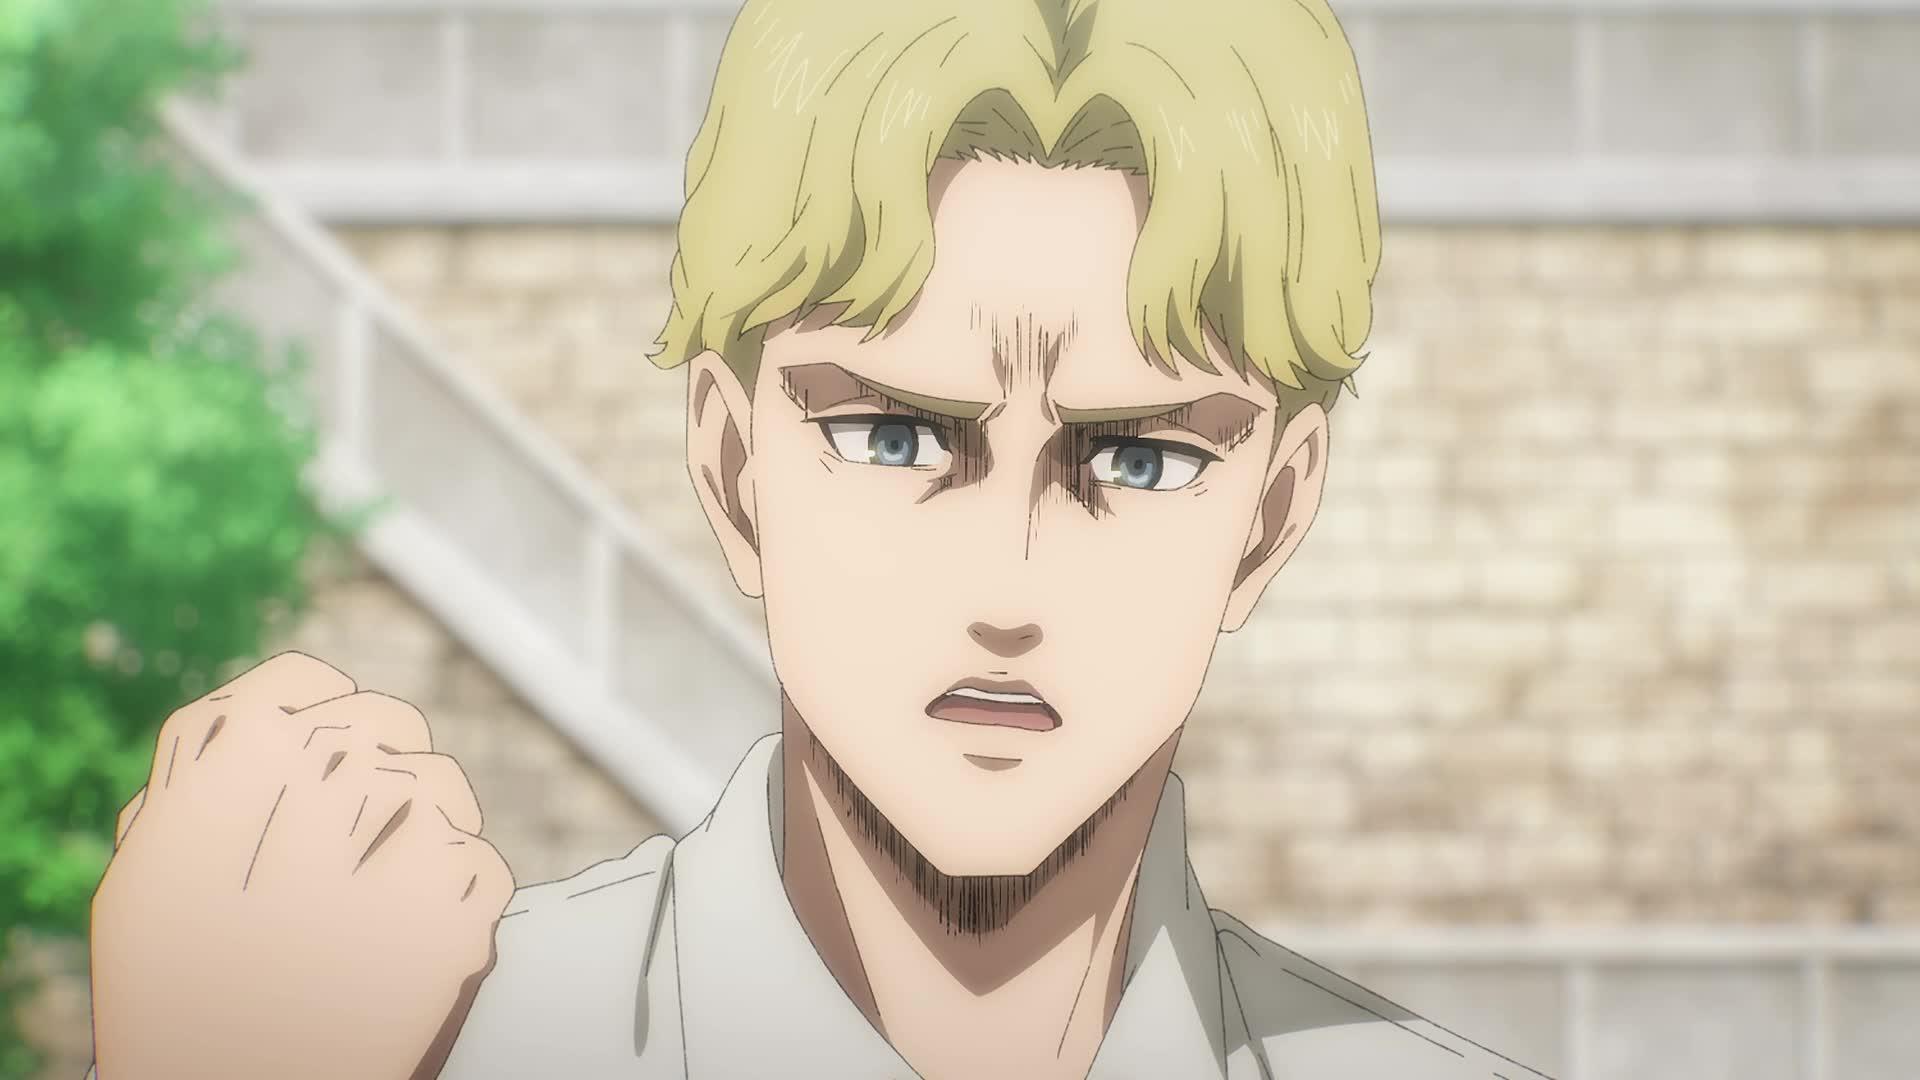 Shingeki no Kyojin: The Final Season - Episode 6